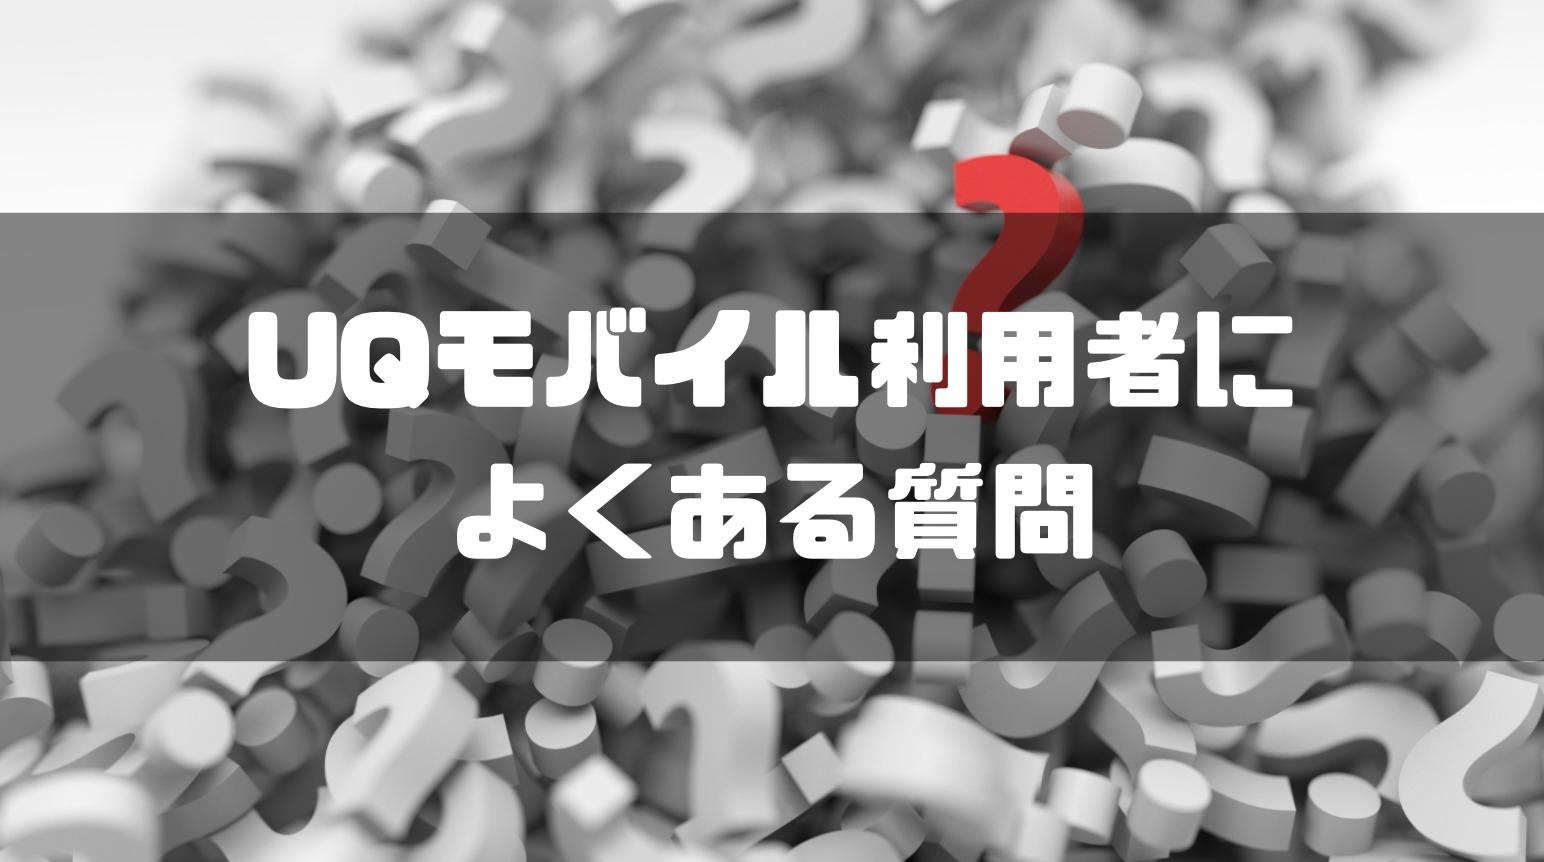 UQモバイル_口コミ_よくある質問